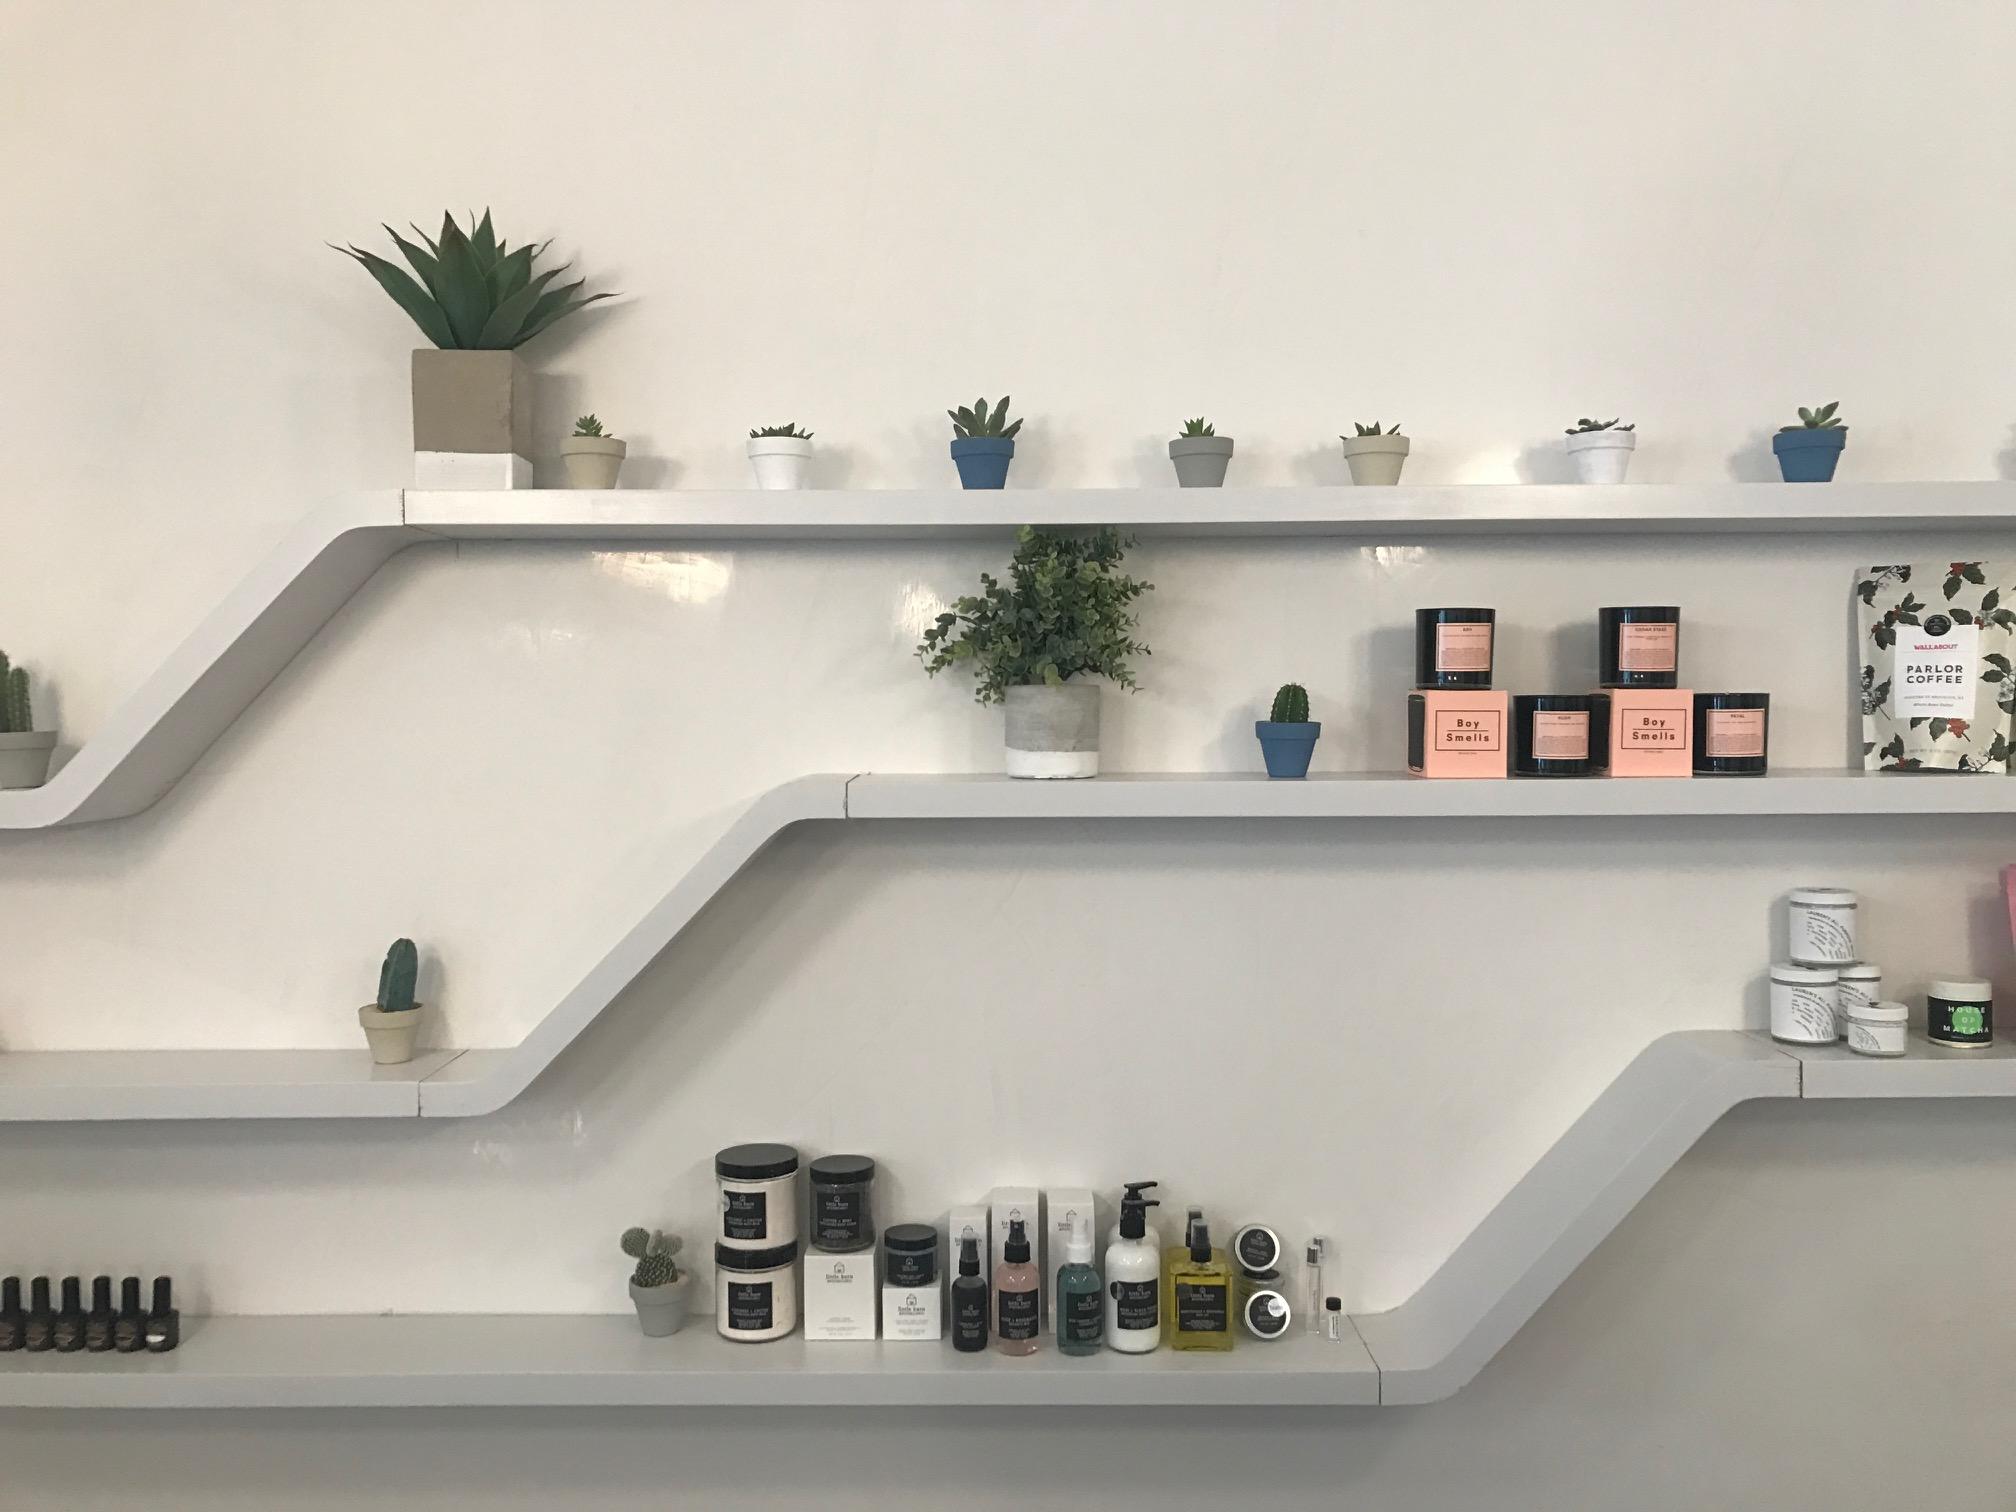 Chillhouse LES Plants